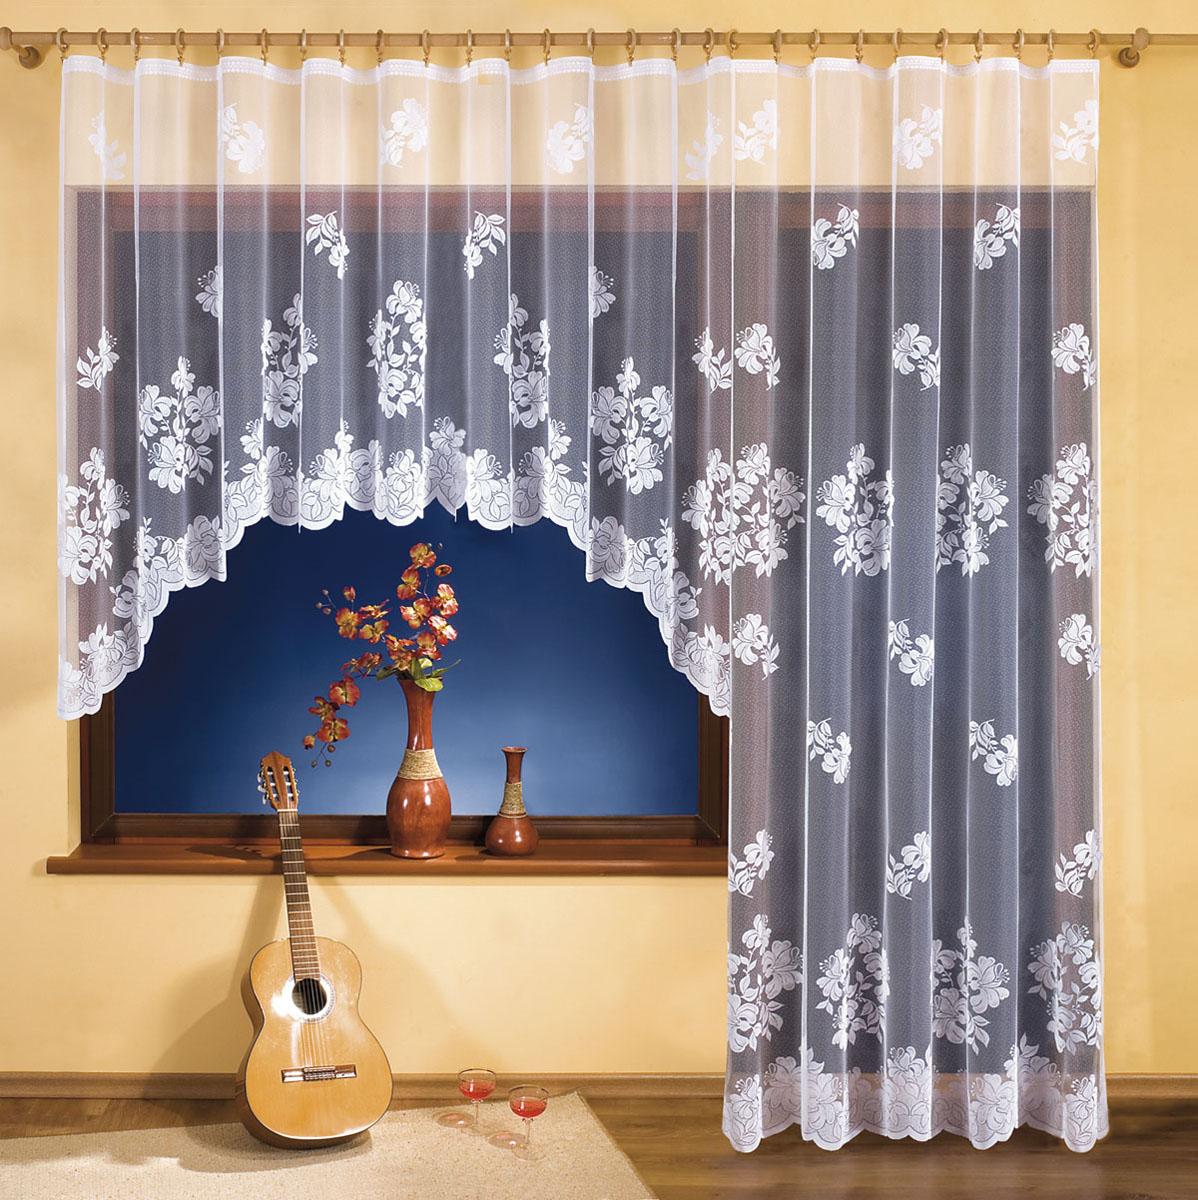 Комплект штор Wisan, цвет: белый, высота 250 см3254Комплект гардин для окна с балконной дверью, крепление зажимы для штор. Размеры: 300*150+250*150